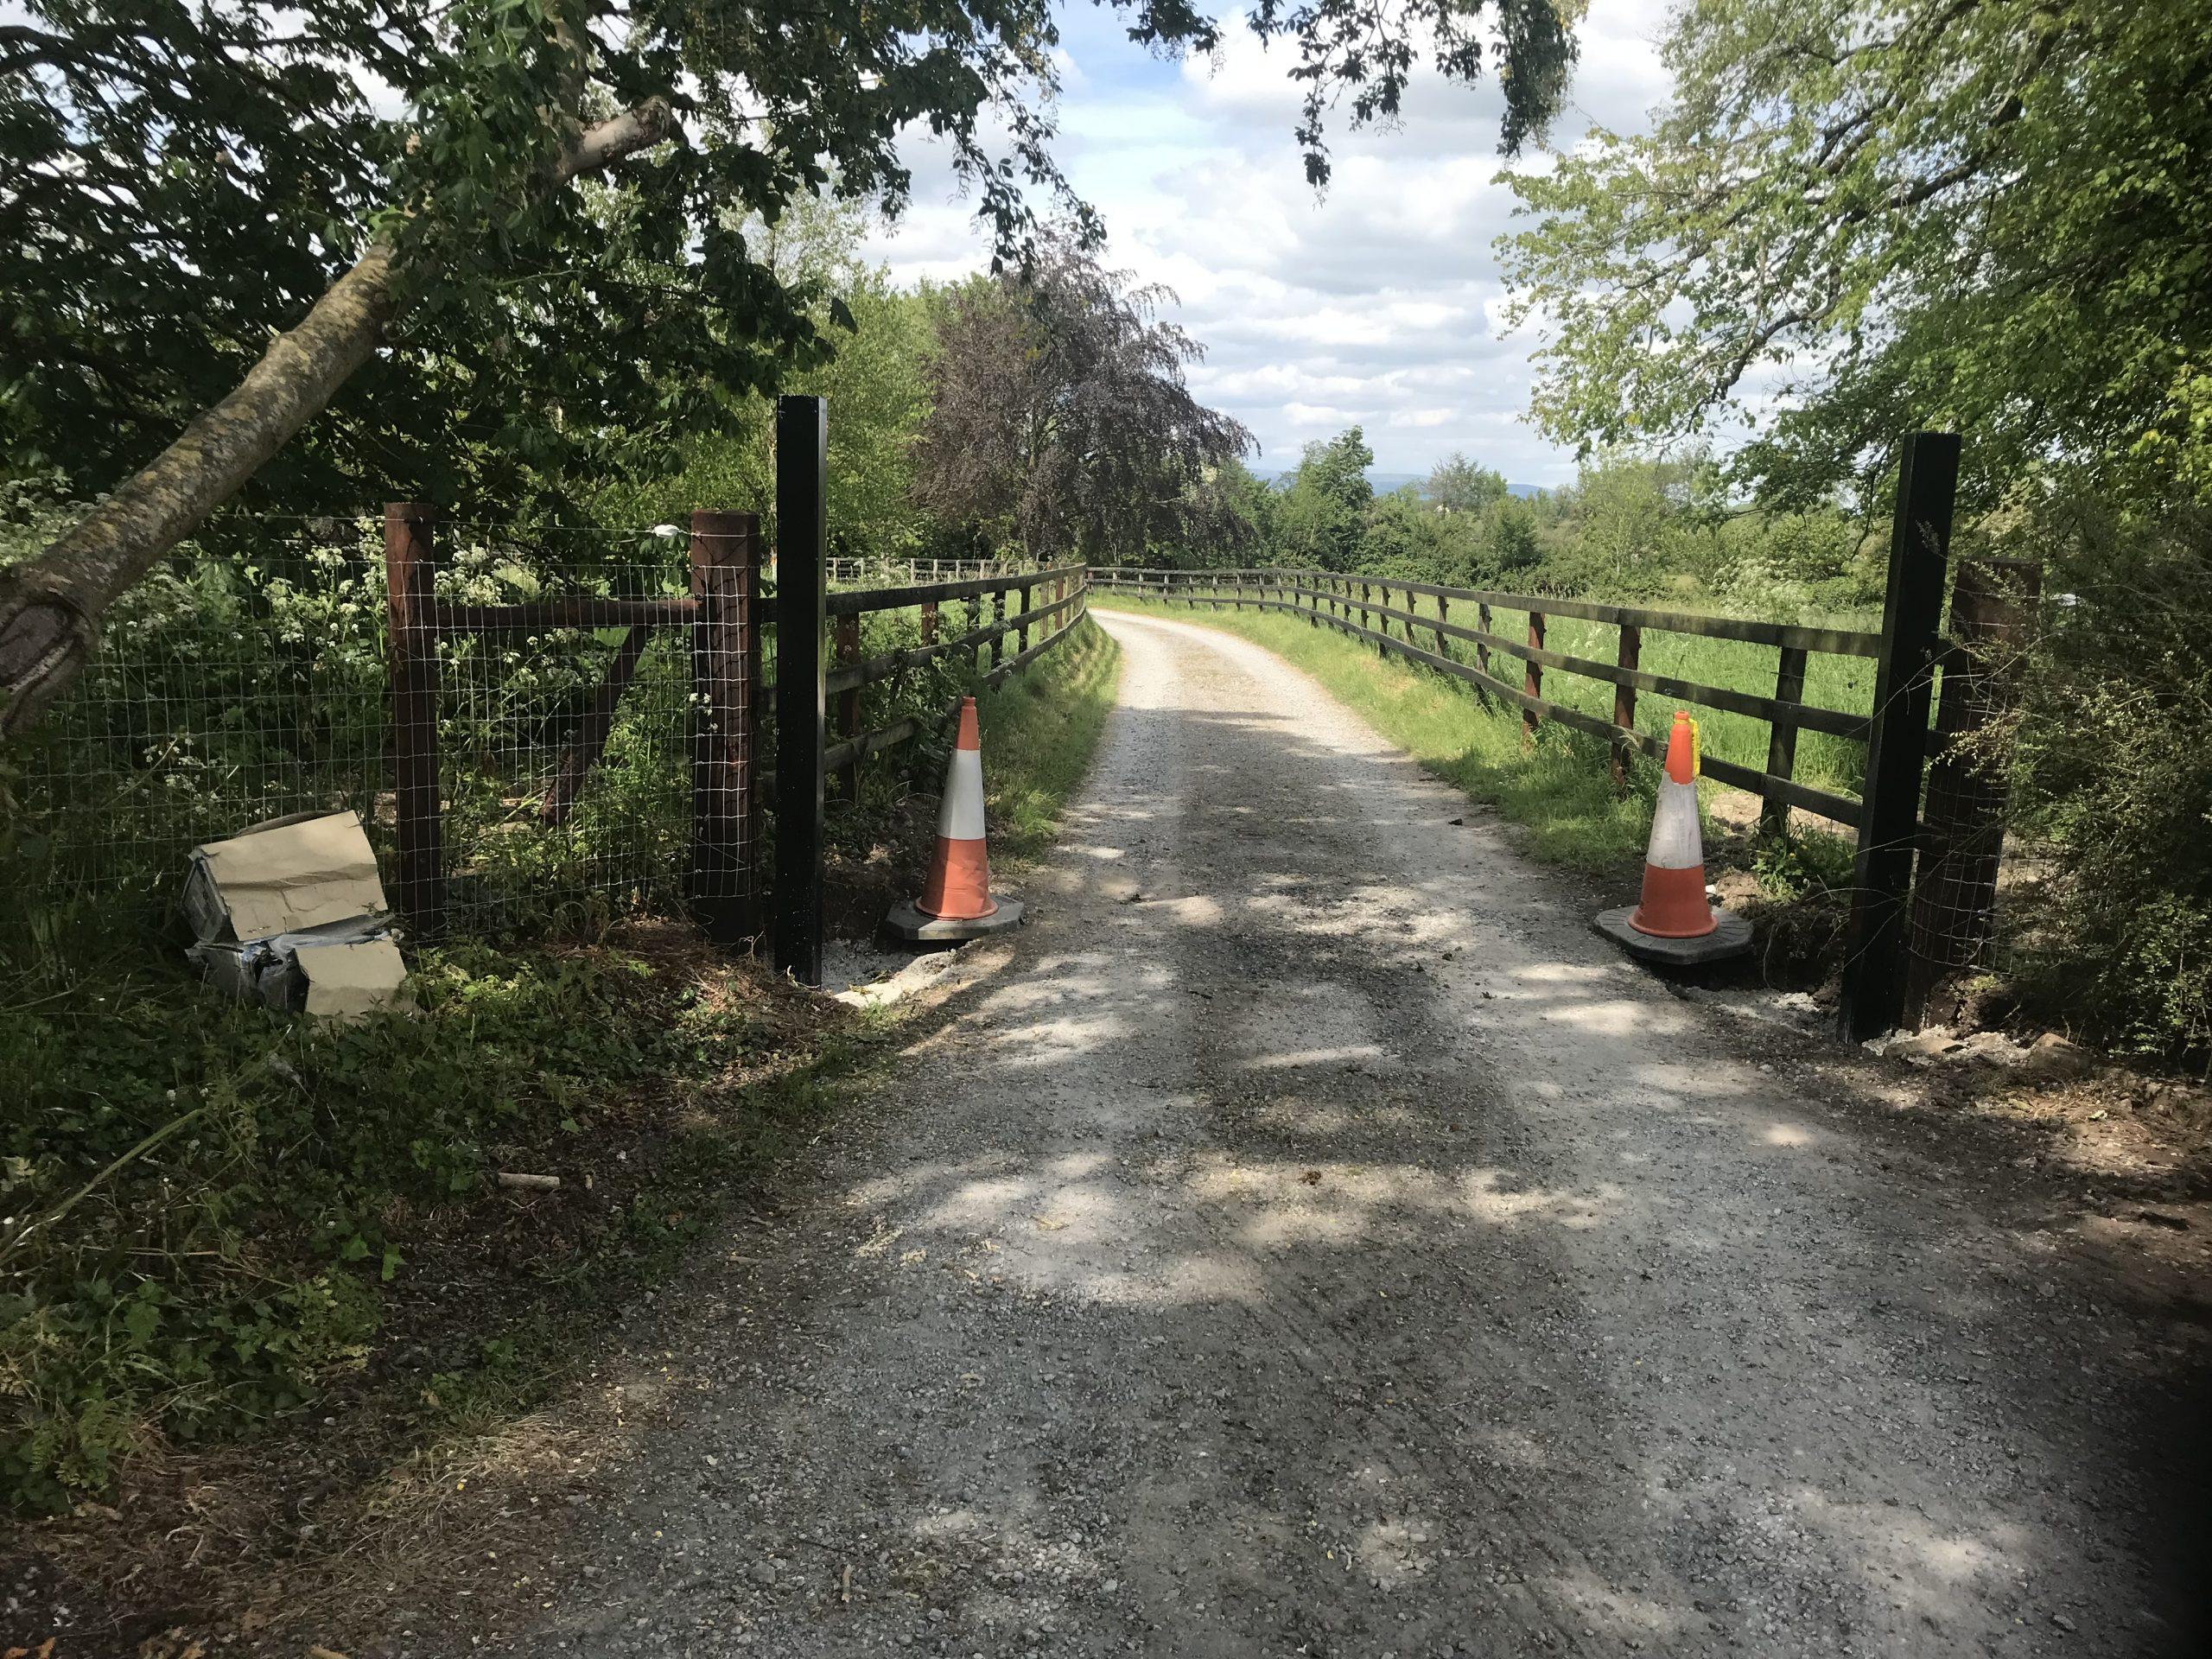 laneway-fencing-ireland